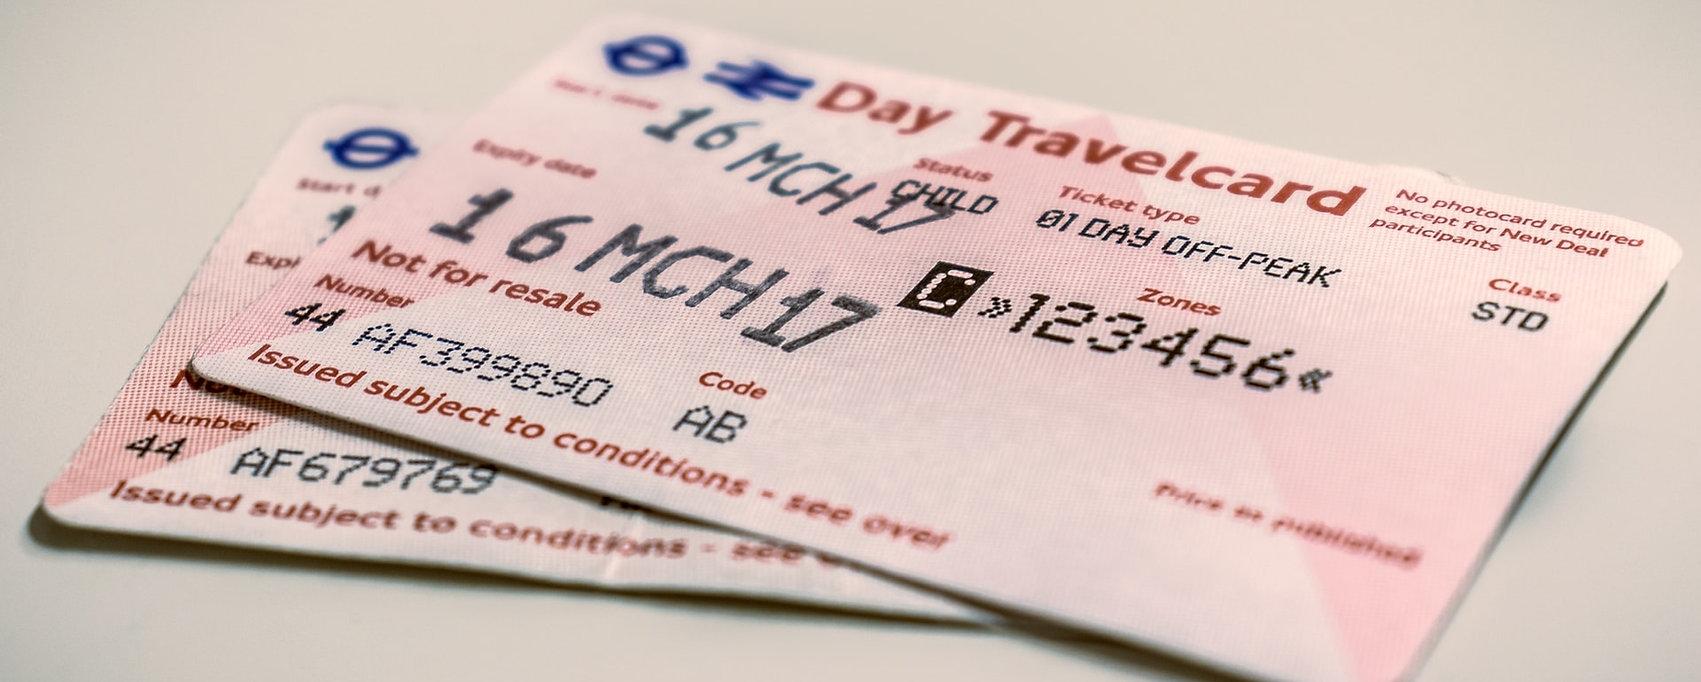 Reisegutscheine, das perfekte Geschenk für jeden Anlass - Städtereisen in Deutschland, Kurzurlaub in Europa | Anders reisen, alternative Reisen, Reisetrends, außergewöhnliche Reisen, exklusive Reisen